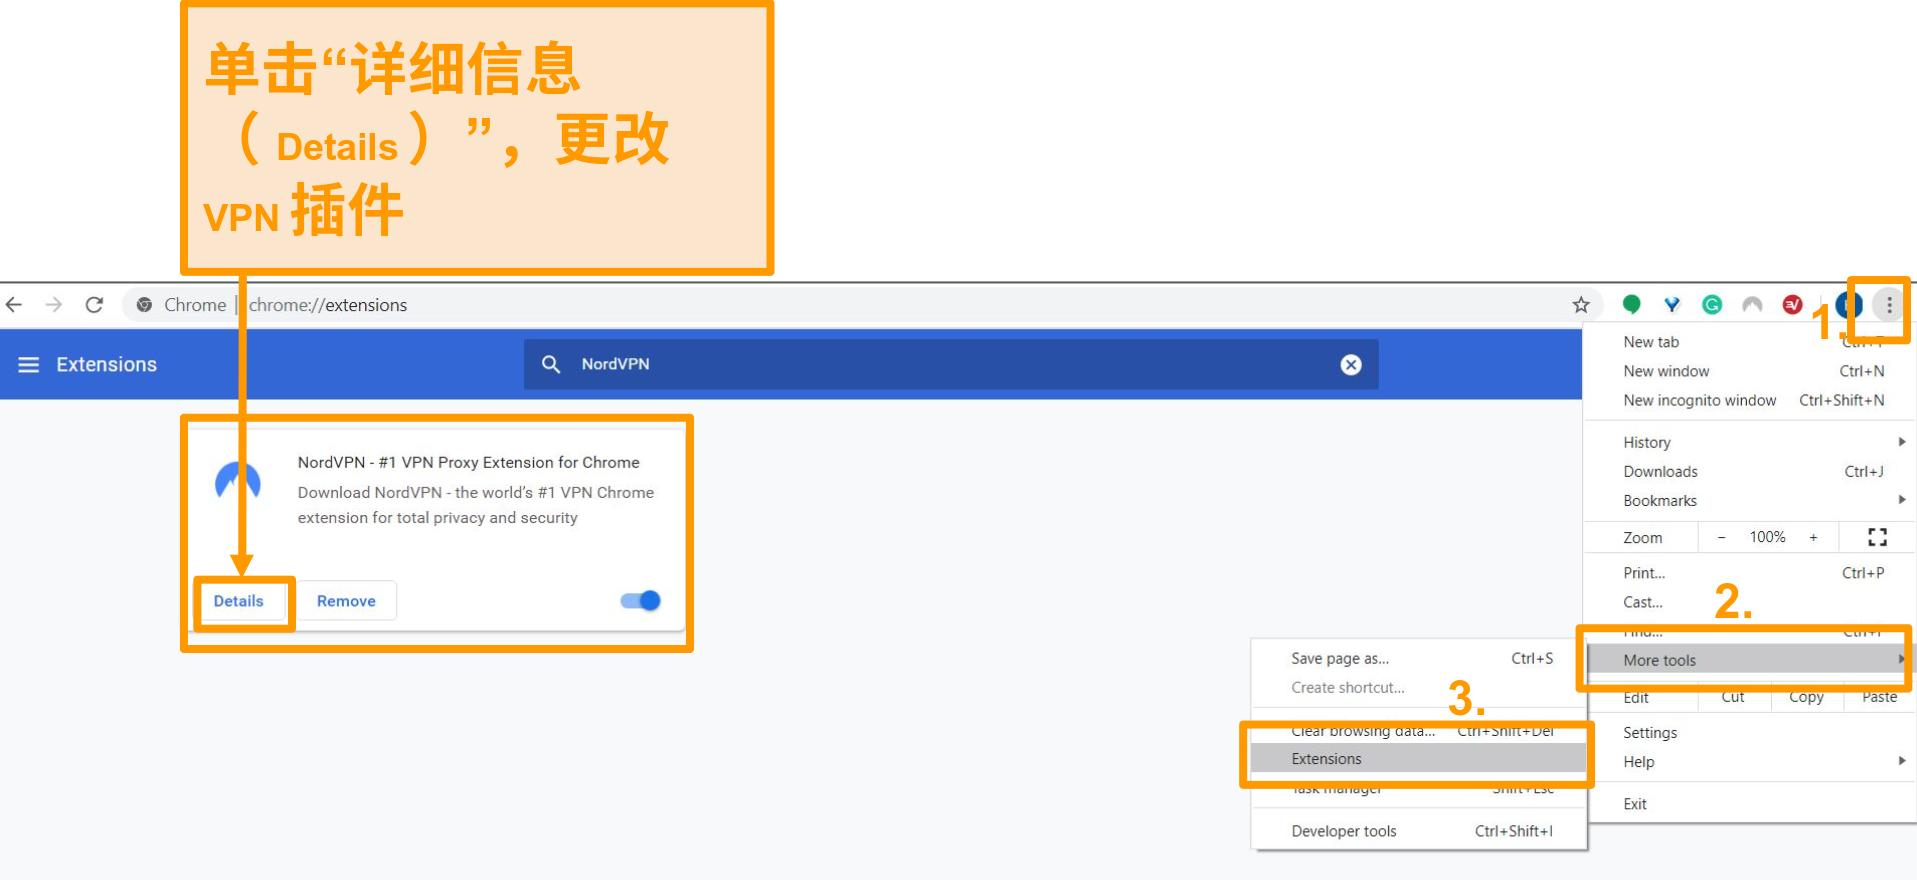 Google Chrome浏览器扩展程序设置的屏幕截图。